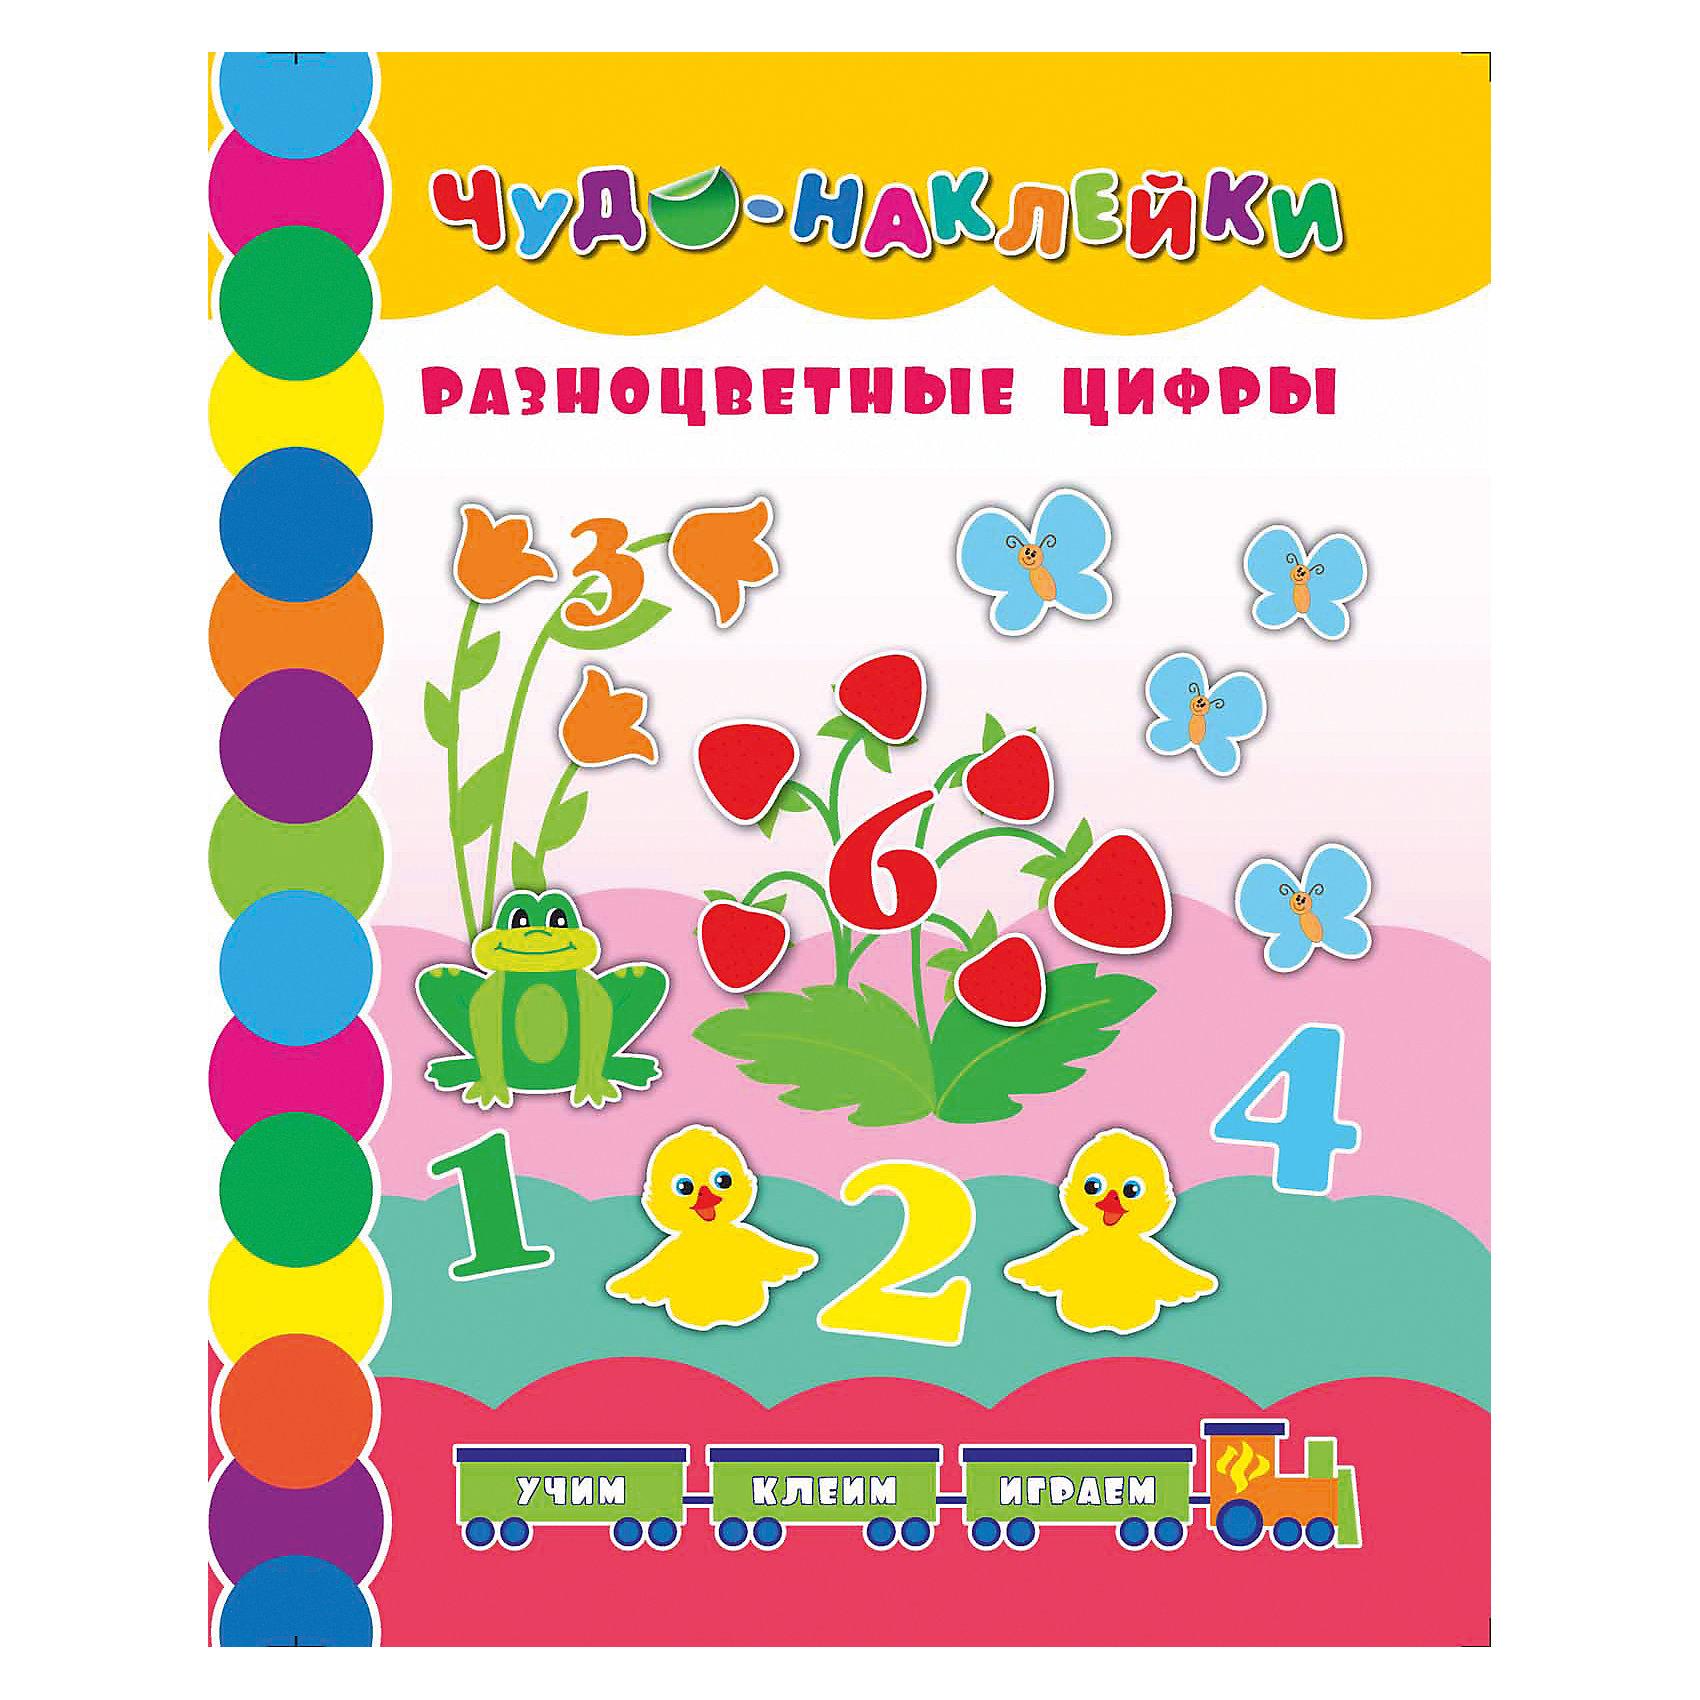 Разноцветные цифрыОбучение счету<br>С помощью данной книги ваш малыш научитсясчитать от 1 до 10. Яркие интересные картинки и красочные наклейки очень понравятся ребенку. Работа с наклейками также поможет приучить ребенка к аккуратности и развить мелкую моторику кисти, которая способствует<br><br>Ширина мм: 260<br>Глубина мм: 200<br>Высота мм: 1<br>Вес г: 58<br>Возраст от месяцев: 12<br>Возраст до месяцев: 60<br>Пол: Унисекс<br>Возраст: Детский<br>SKU: 5120101